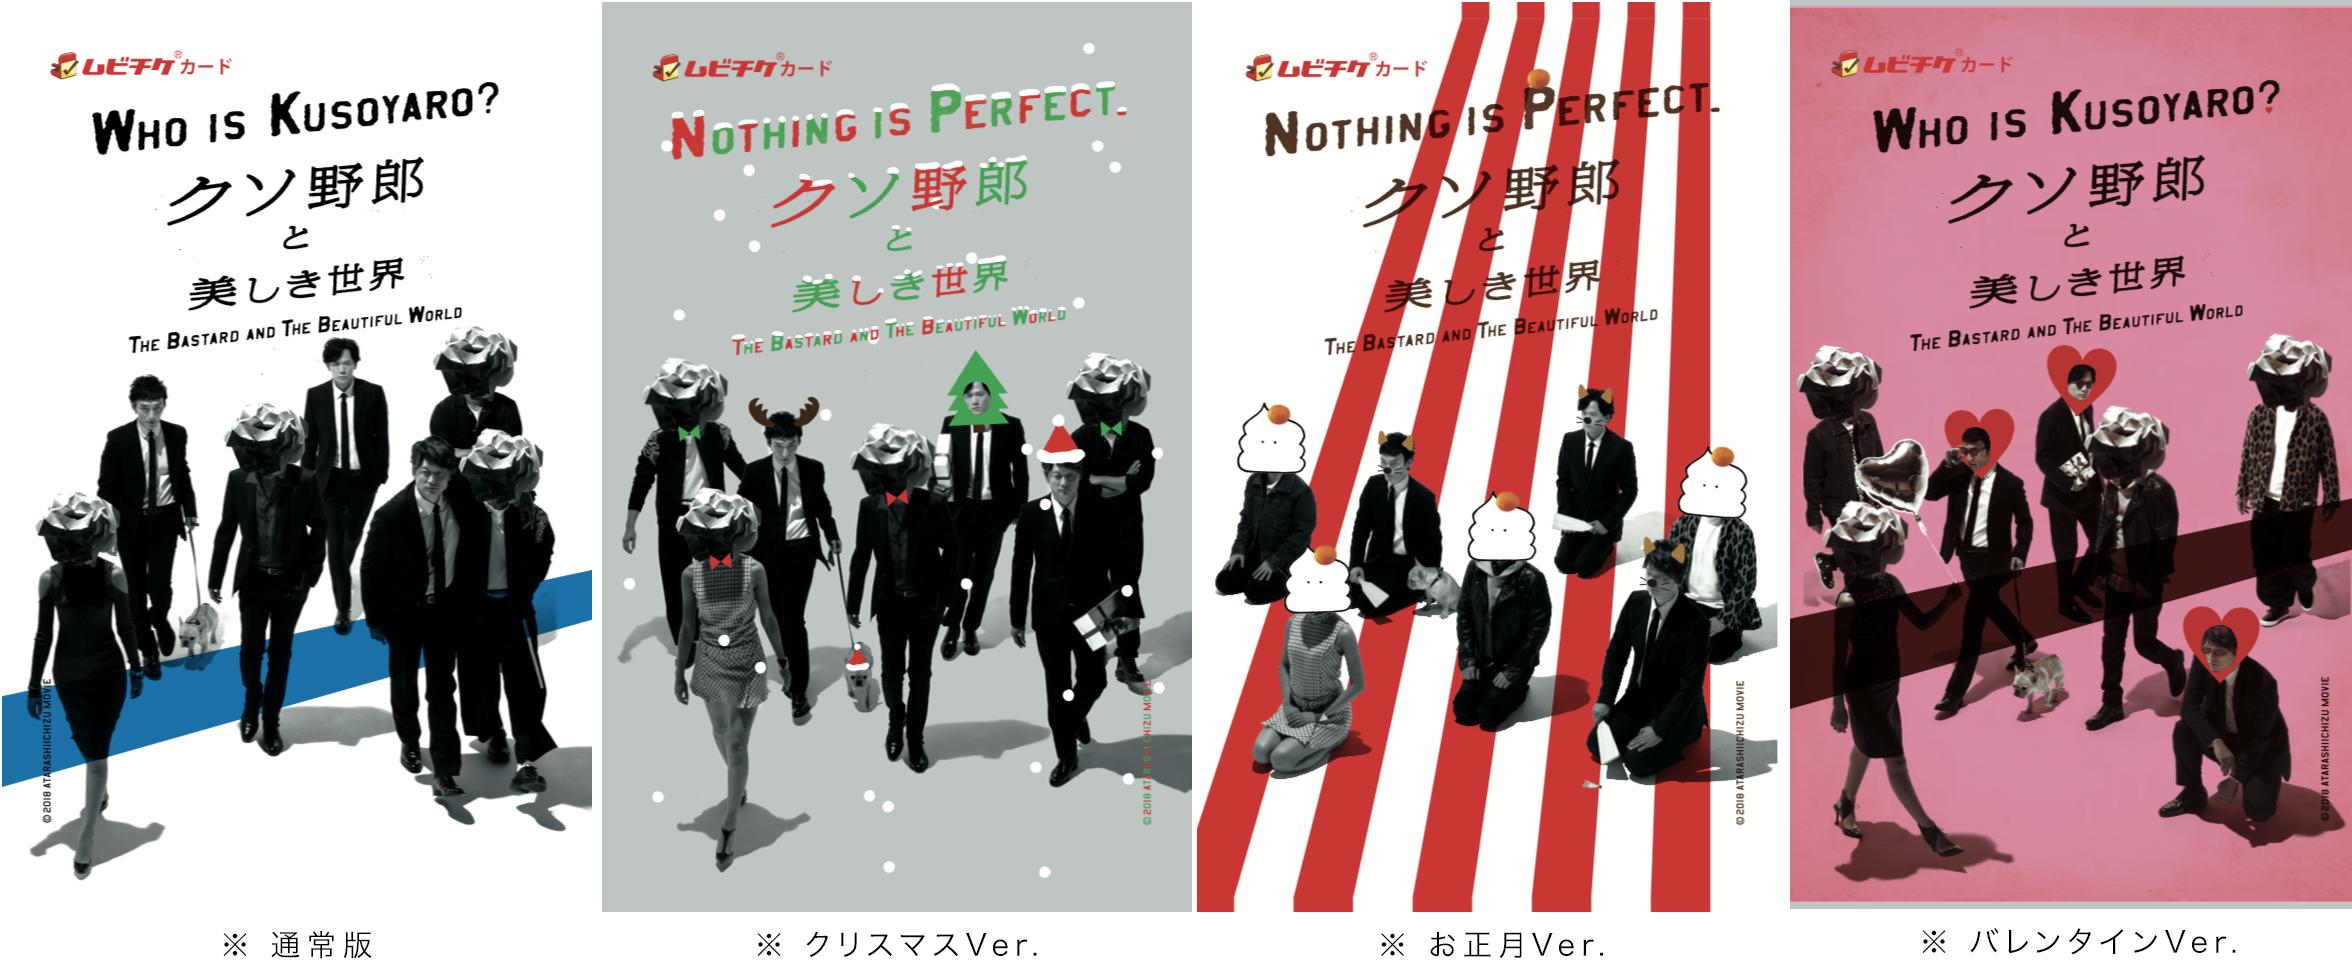 元SMAP3人の映画 チケットのデザインに中居正広と木村拓哉の姿?